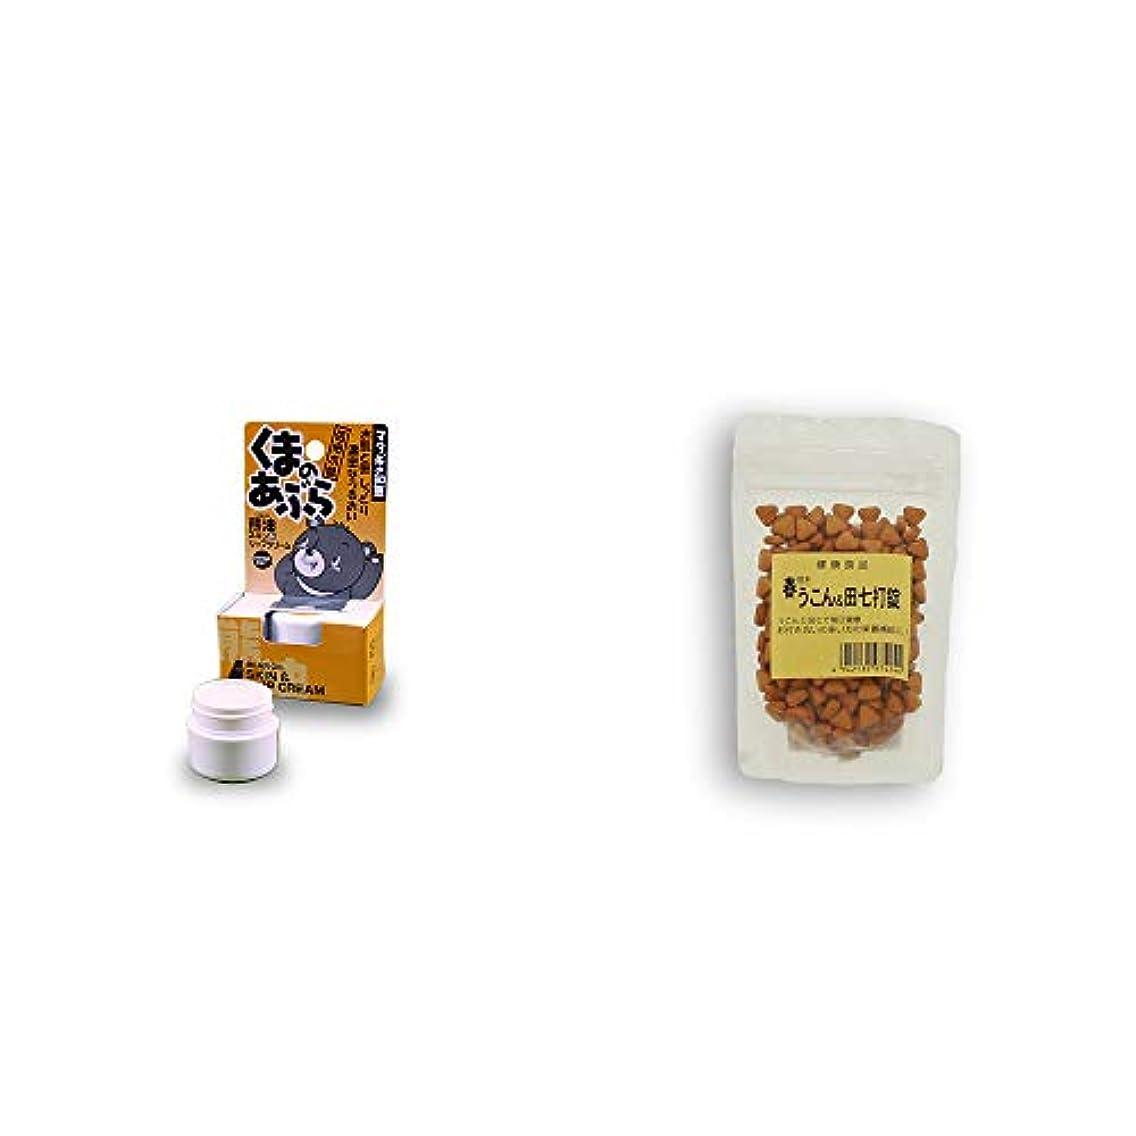 取得する三番極端な[2点セット] 信州木曽 くまのあぶら 熊油スキン&リップクリーム(9g)?春咲き うこん&田七打錠(70g(250mg×280粒))